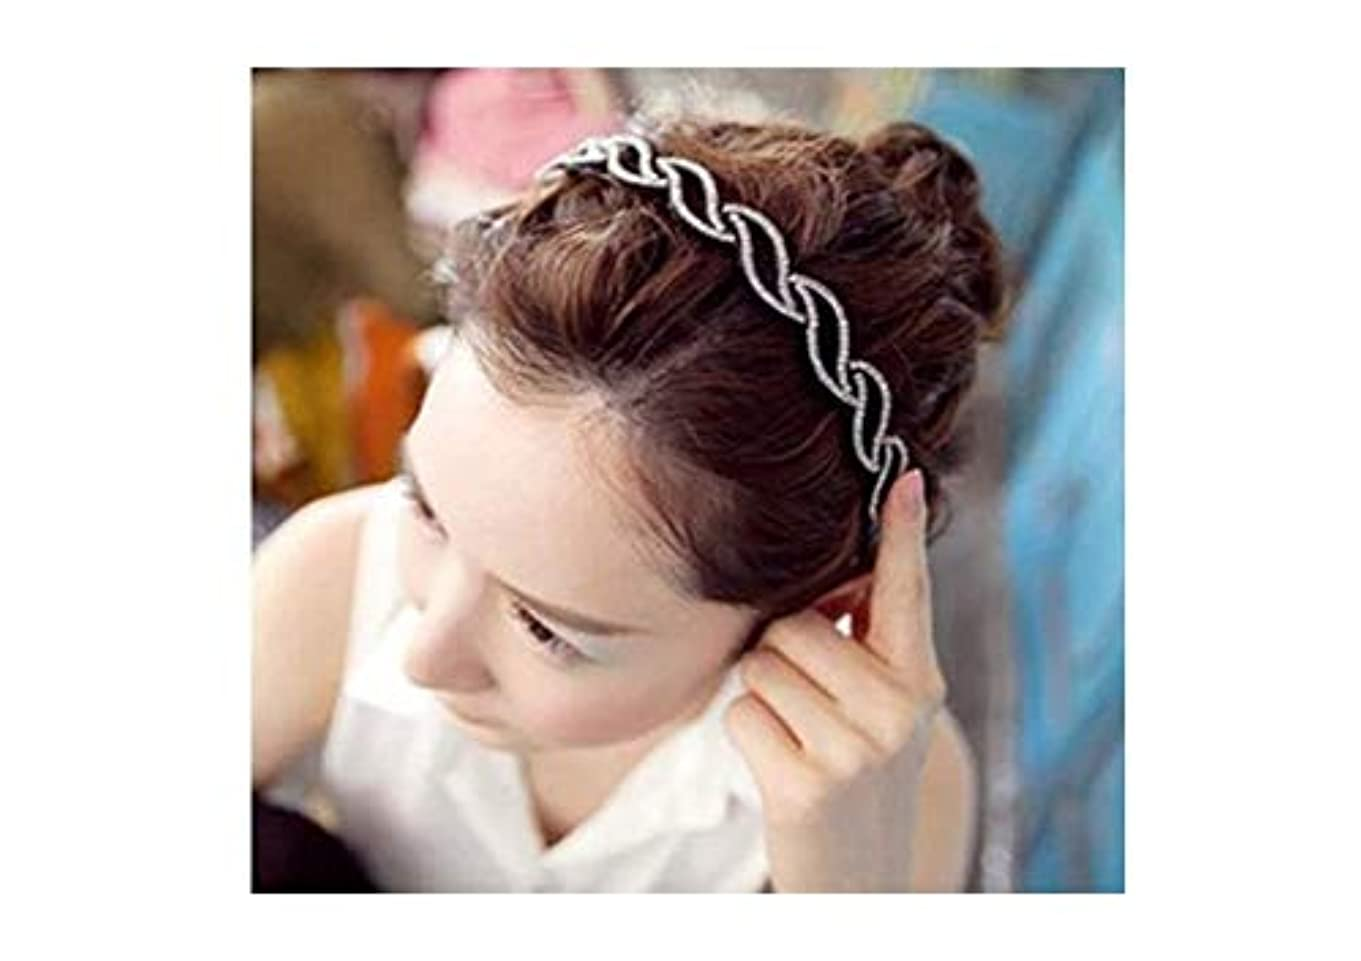 ポスター更新するおしゃれなMINGTAI ヘアピンヘッドバンドワイド側シンプルなヘアアクセサリーラインストーン多彩な髪のリングの髪フープエレガントレディヘッドバンド韓国語バージョン